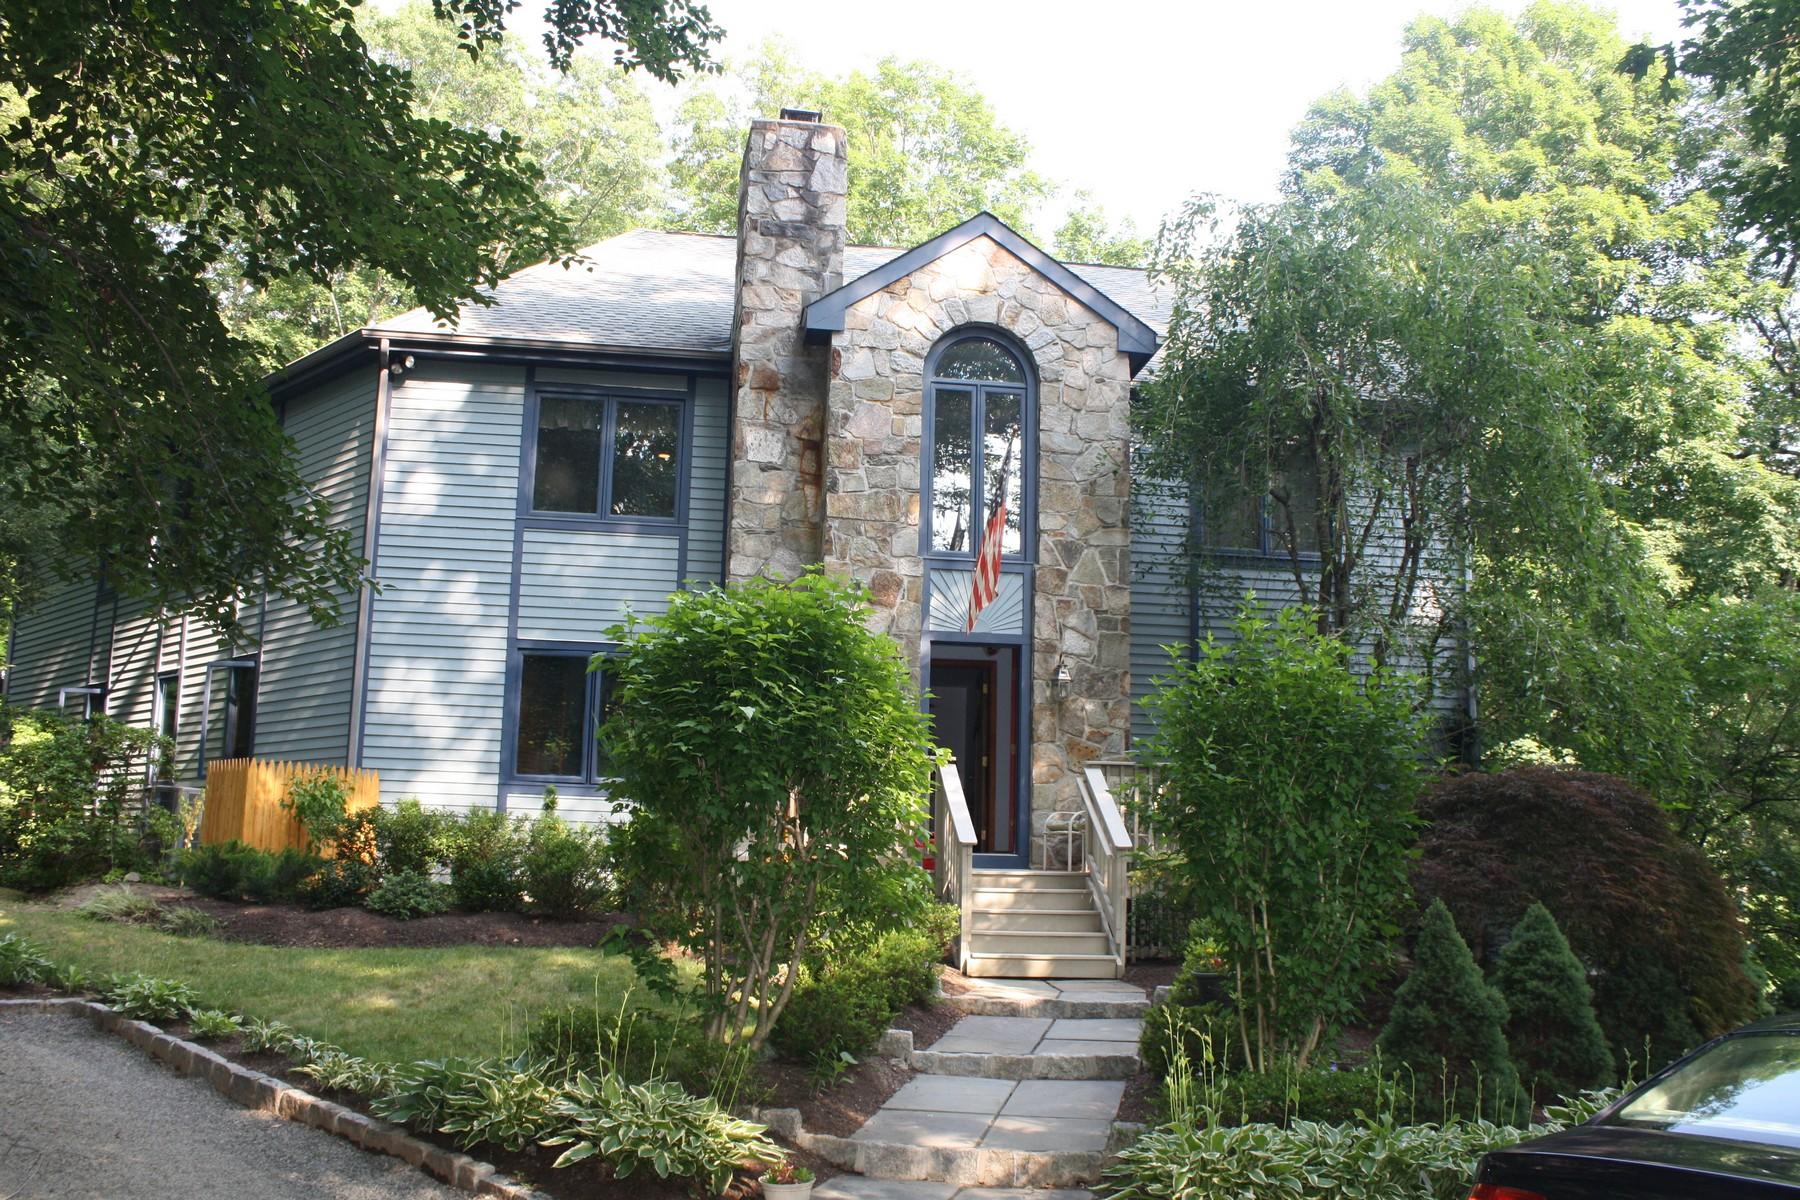 独户住宅 为 销售 在 Move Into Your Own Private Retreat - Custom Built West Norwalk Home 18 Red Oak Lane Norwalk, 康涅狄格州 06850 美国